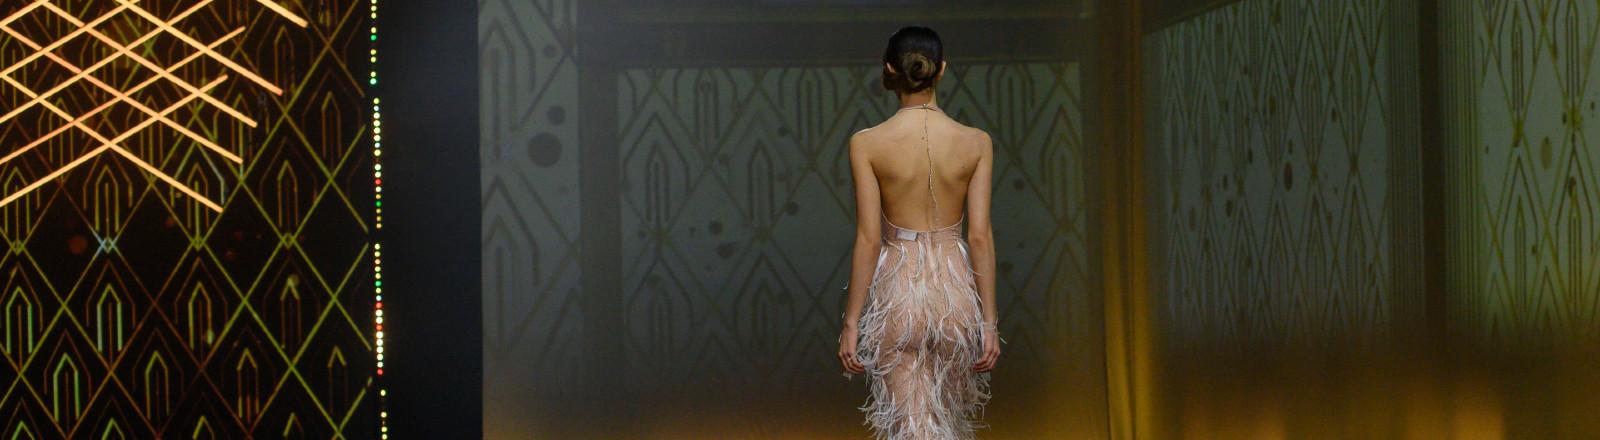 Rome: Gretel Zanotti fashion show for the Autumn / Winter 2021/2022 season